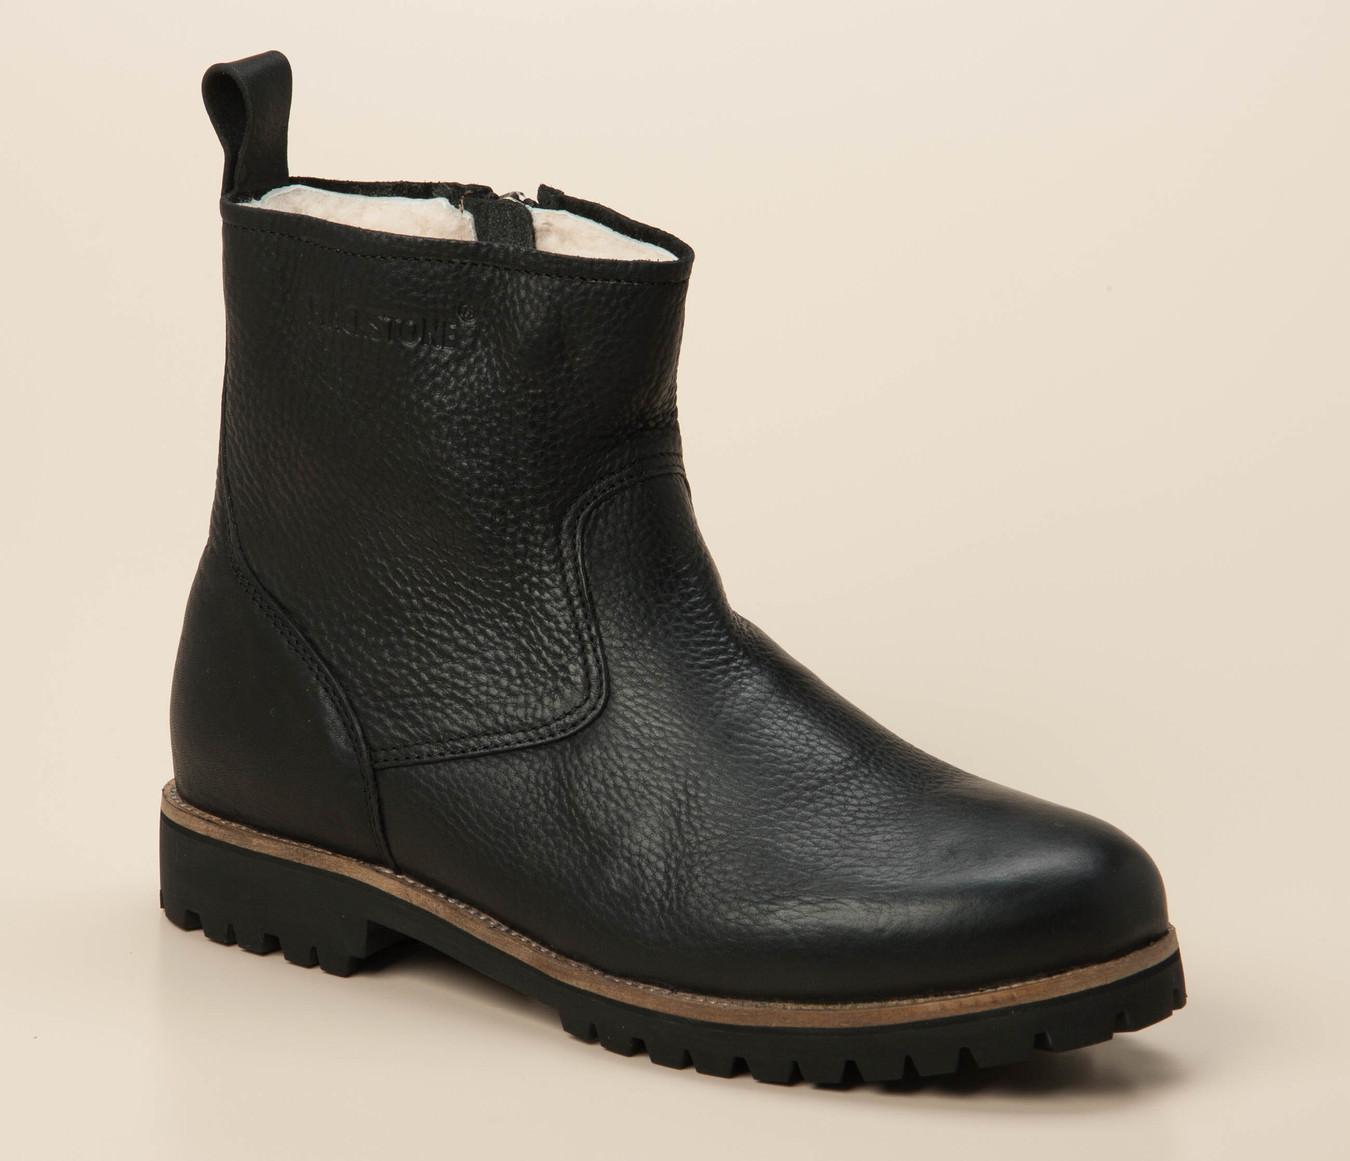 Blackstone Herren Schuhe kaufen   Zumnorde Onlineshop